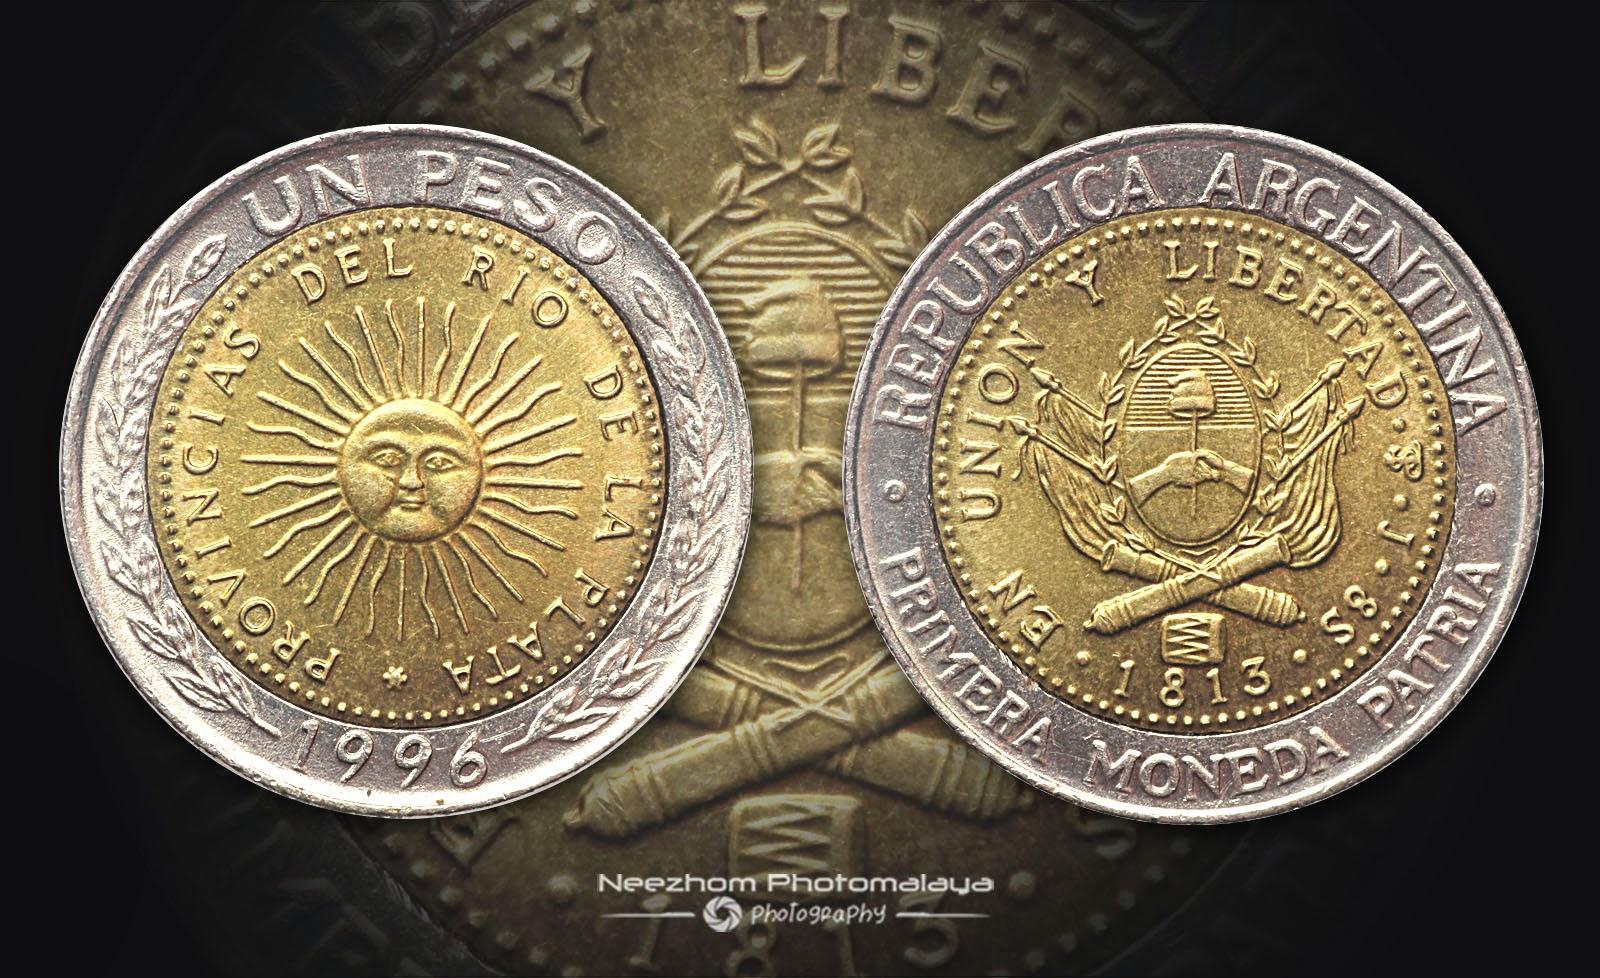 Argentina bi metal coin 1 Peso 1996